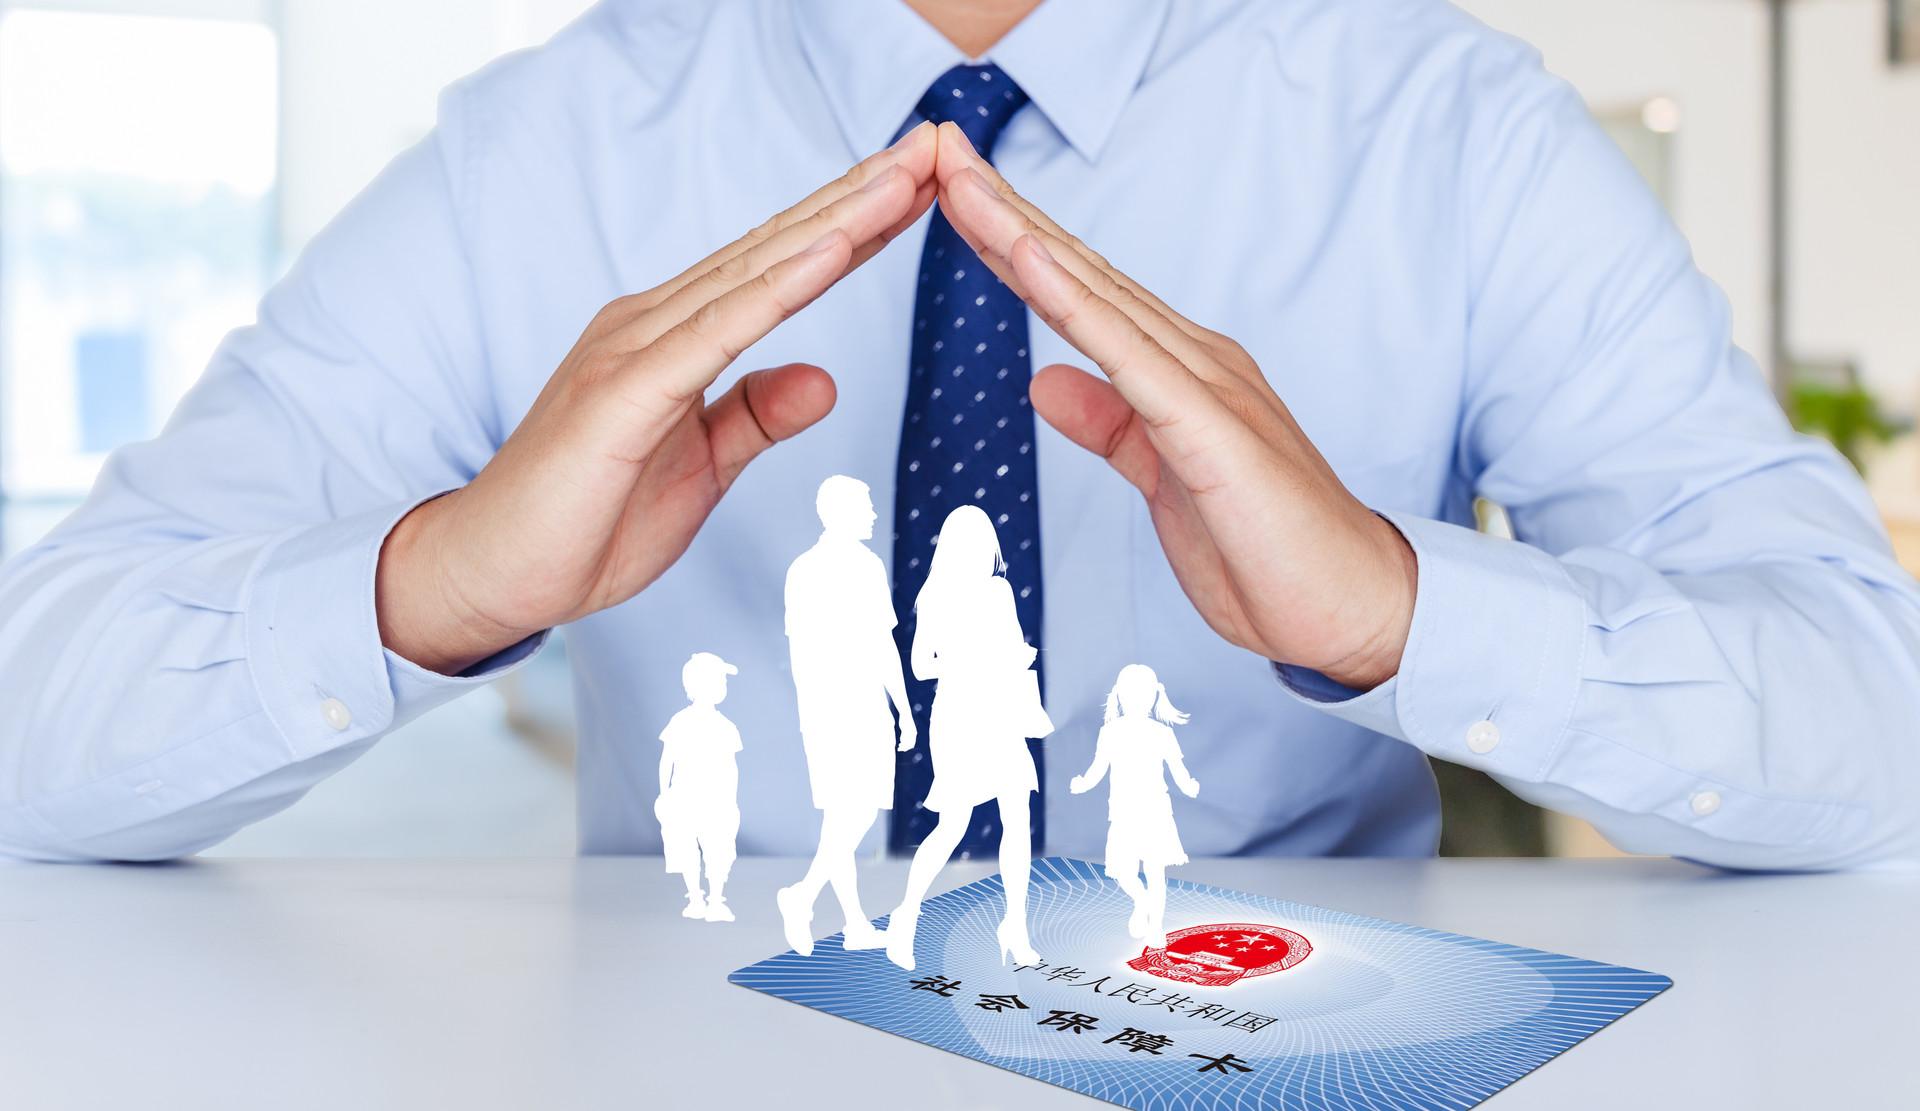 在杭州做网红有必要缴纳社保吗?有什么好的途径缴纳呢?